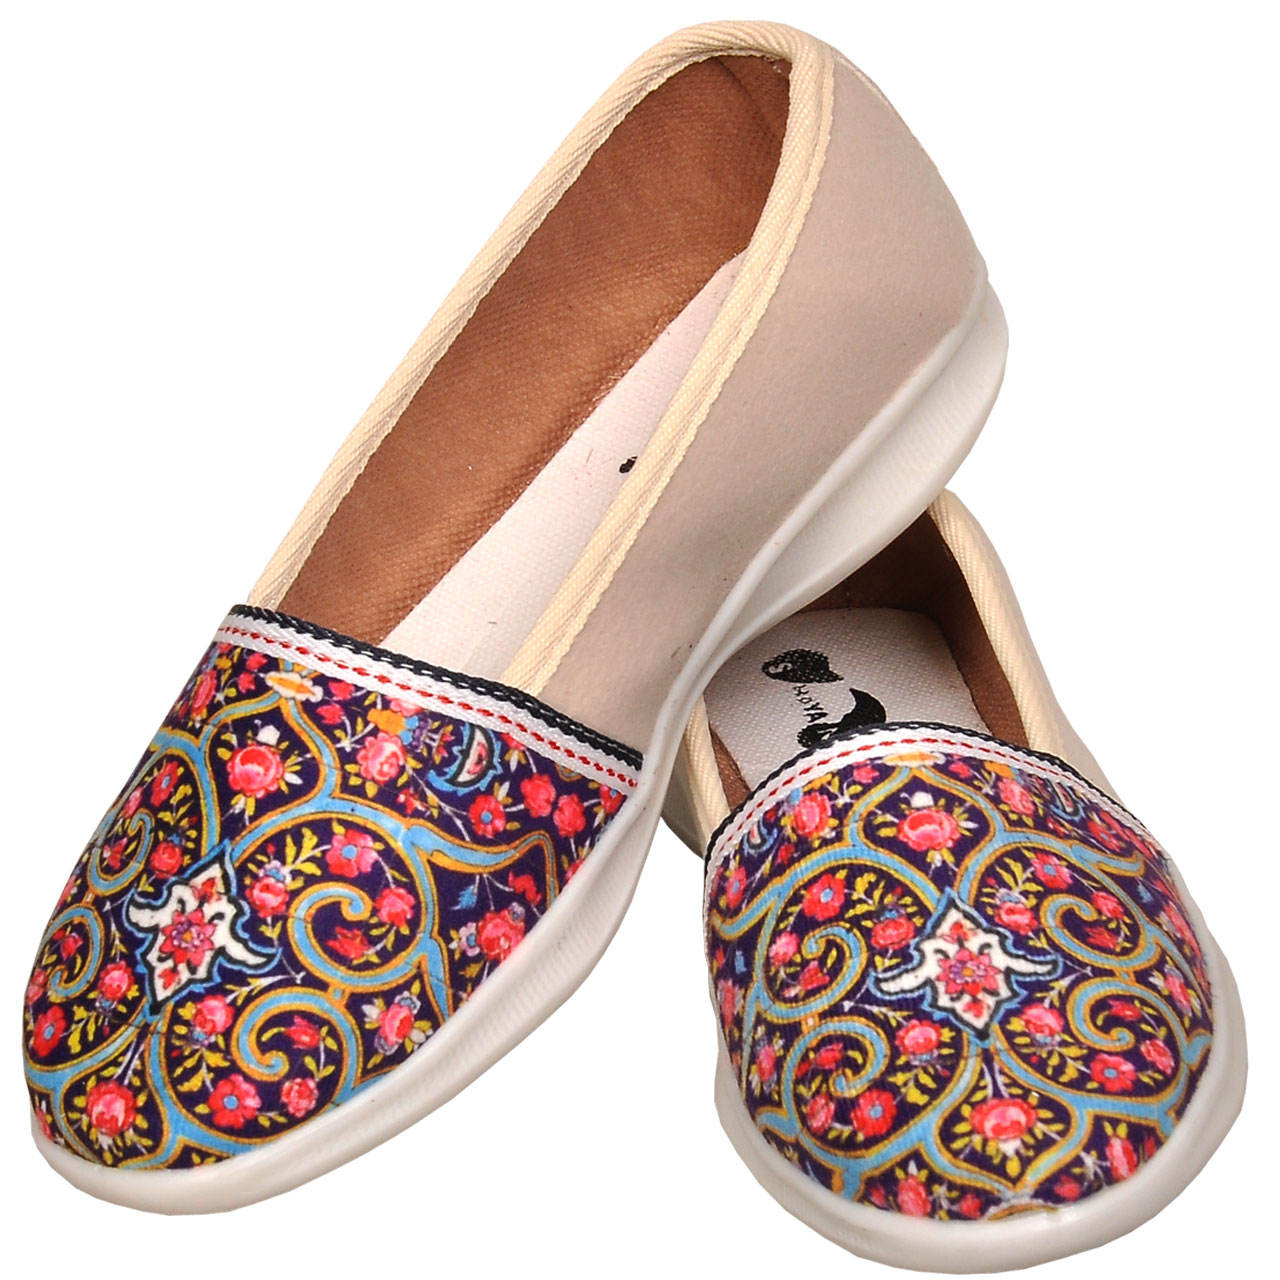 ست کیف و کفش زنانه طرح سنتی کد sg805 main 1 1